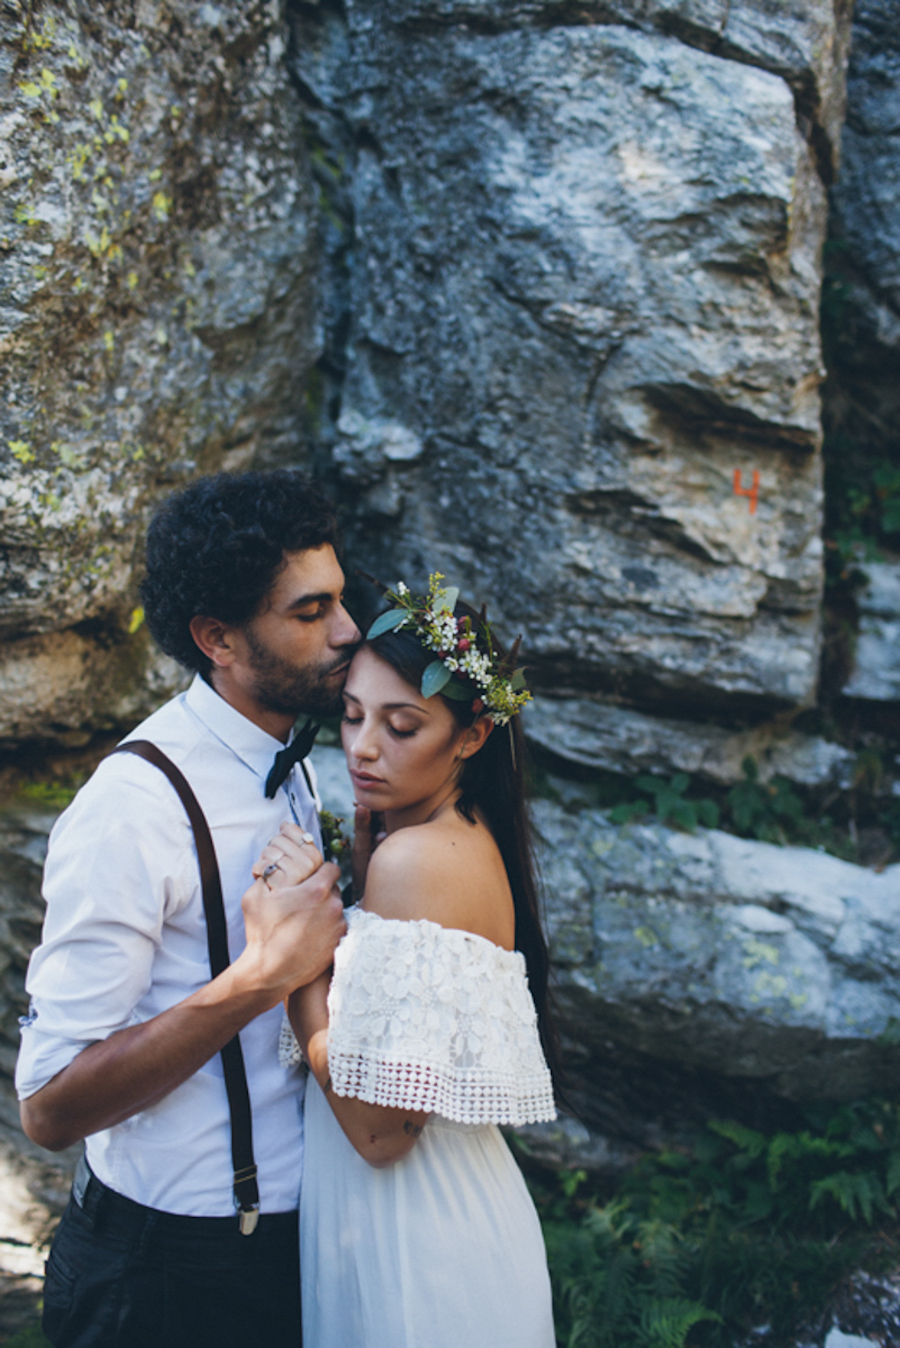 matrimonio-boho-chic-e-naturale-sweetphotofactory-wedding-wonderland-09